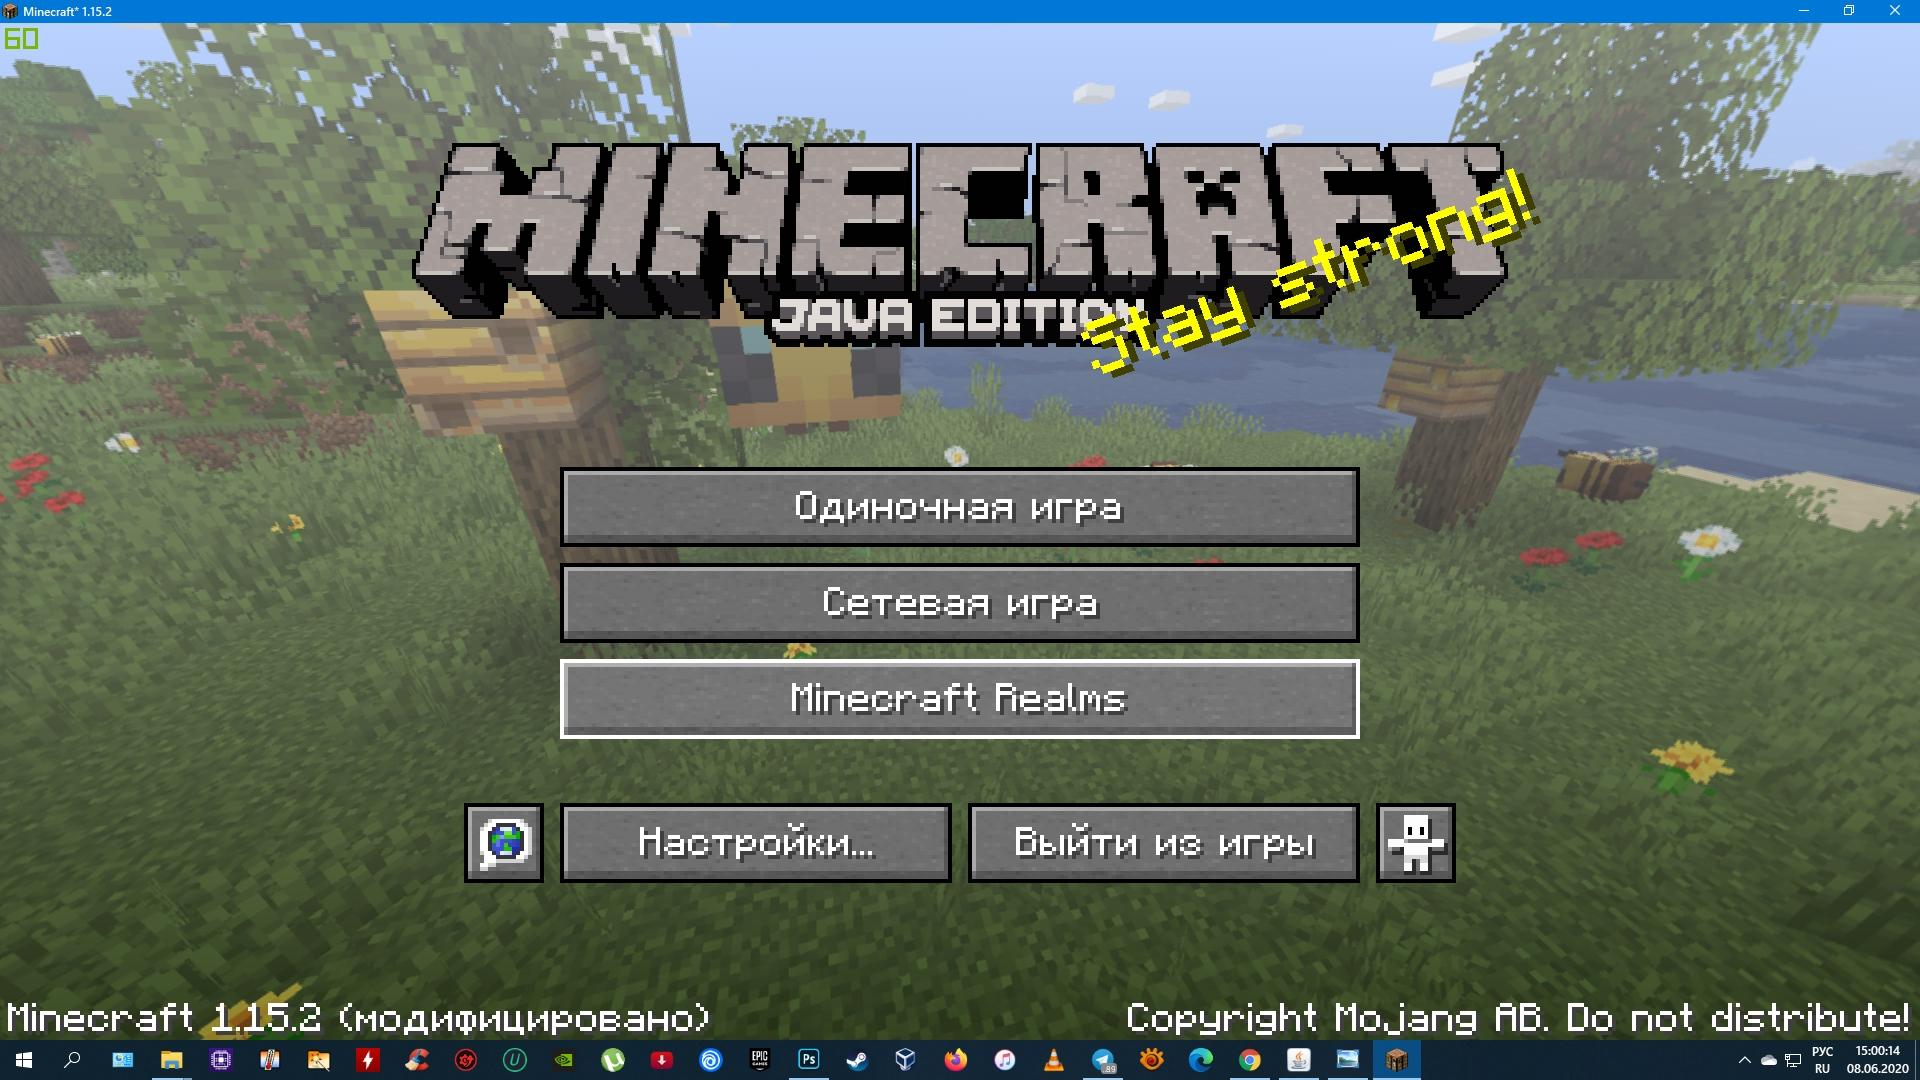 Выберите Minecraft Realms